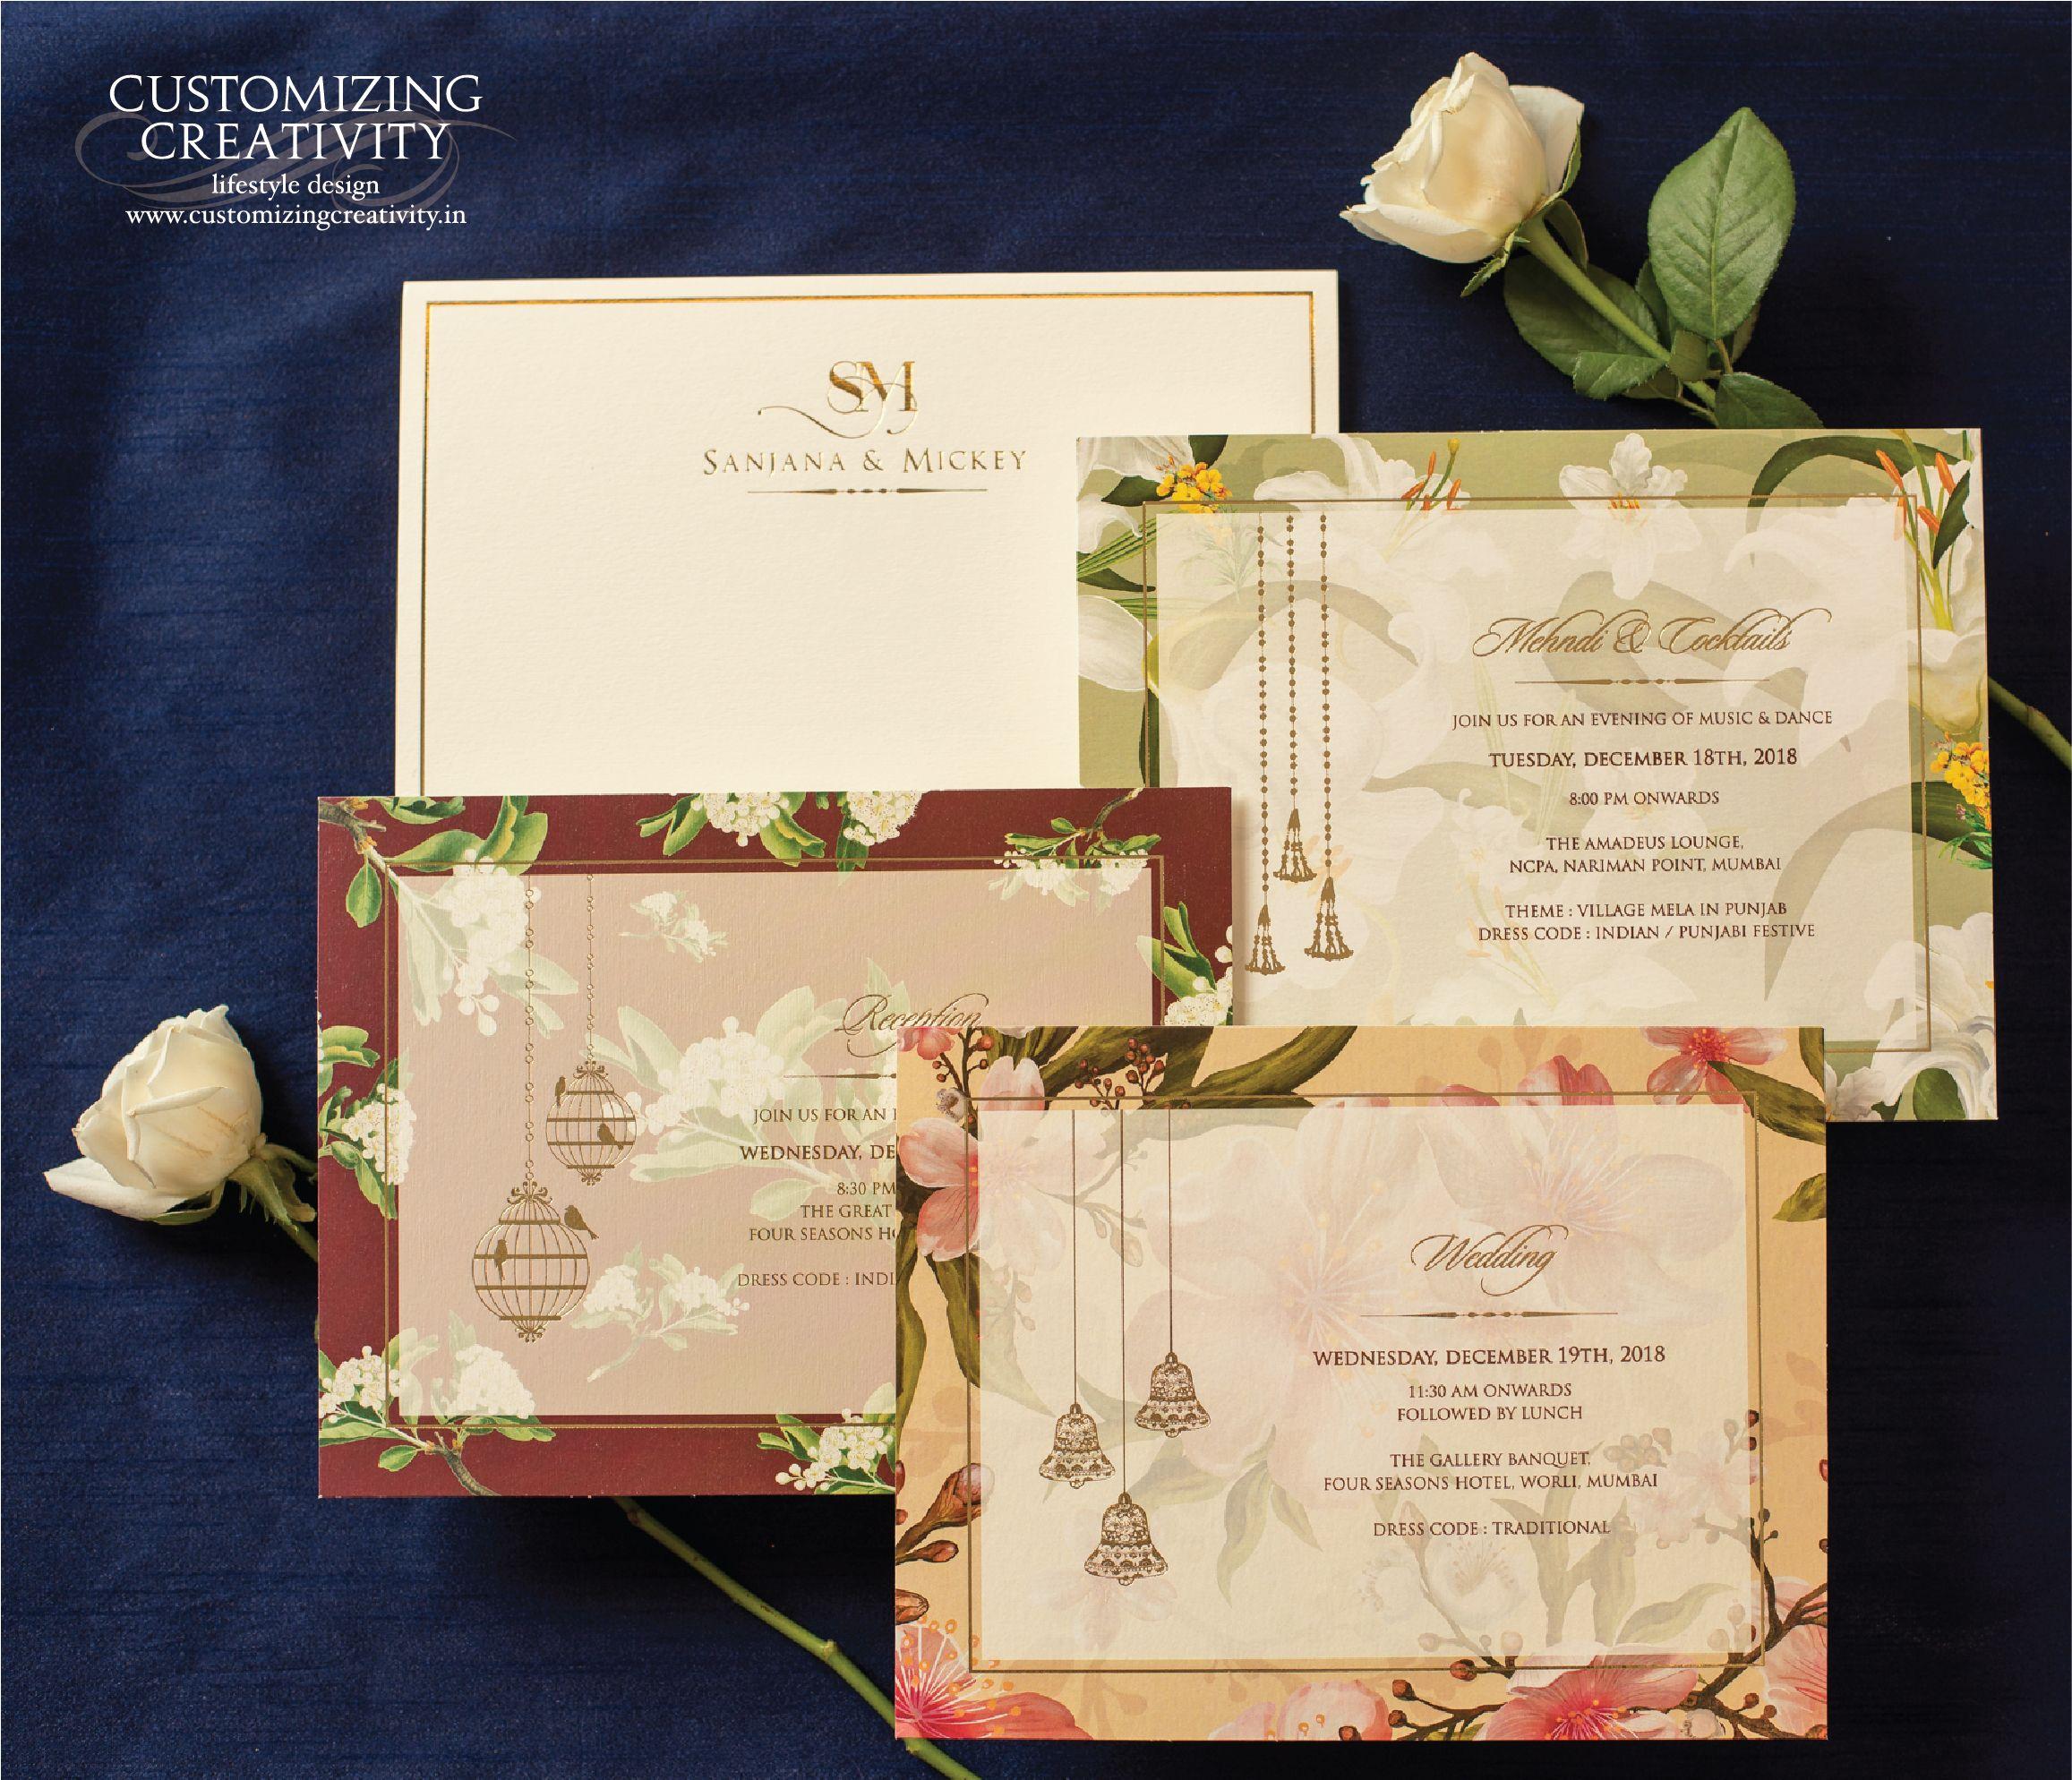 Wedding Invitations Wedding Logo Wedding Invite Wedding Stationery Custom Wedding Invite Invite Simple Wedding Cards Indian Wedding Cards Wedding Cards